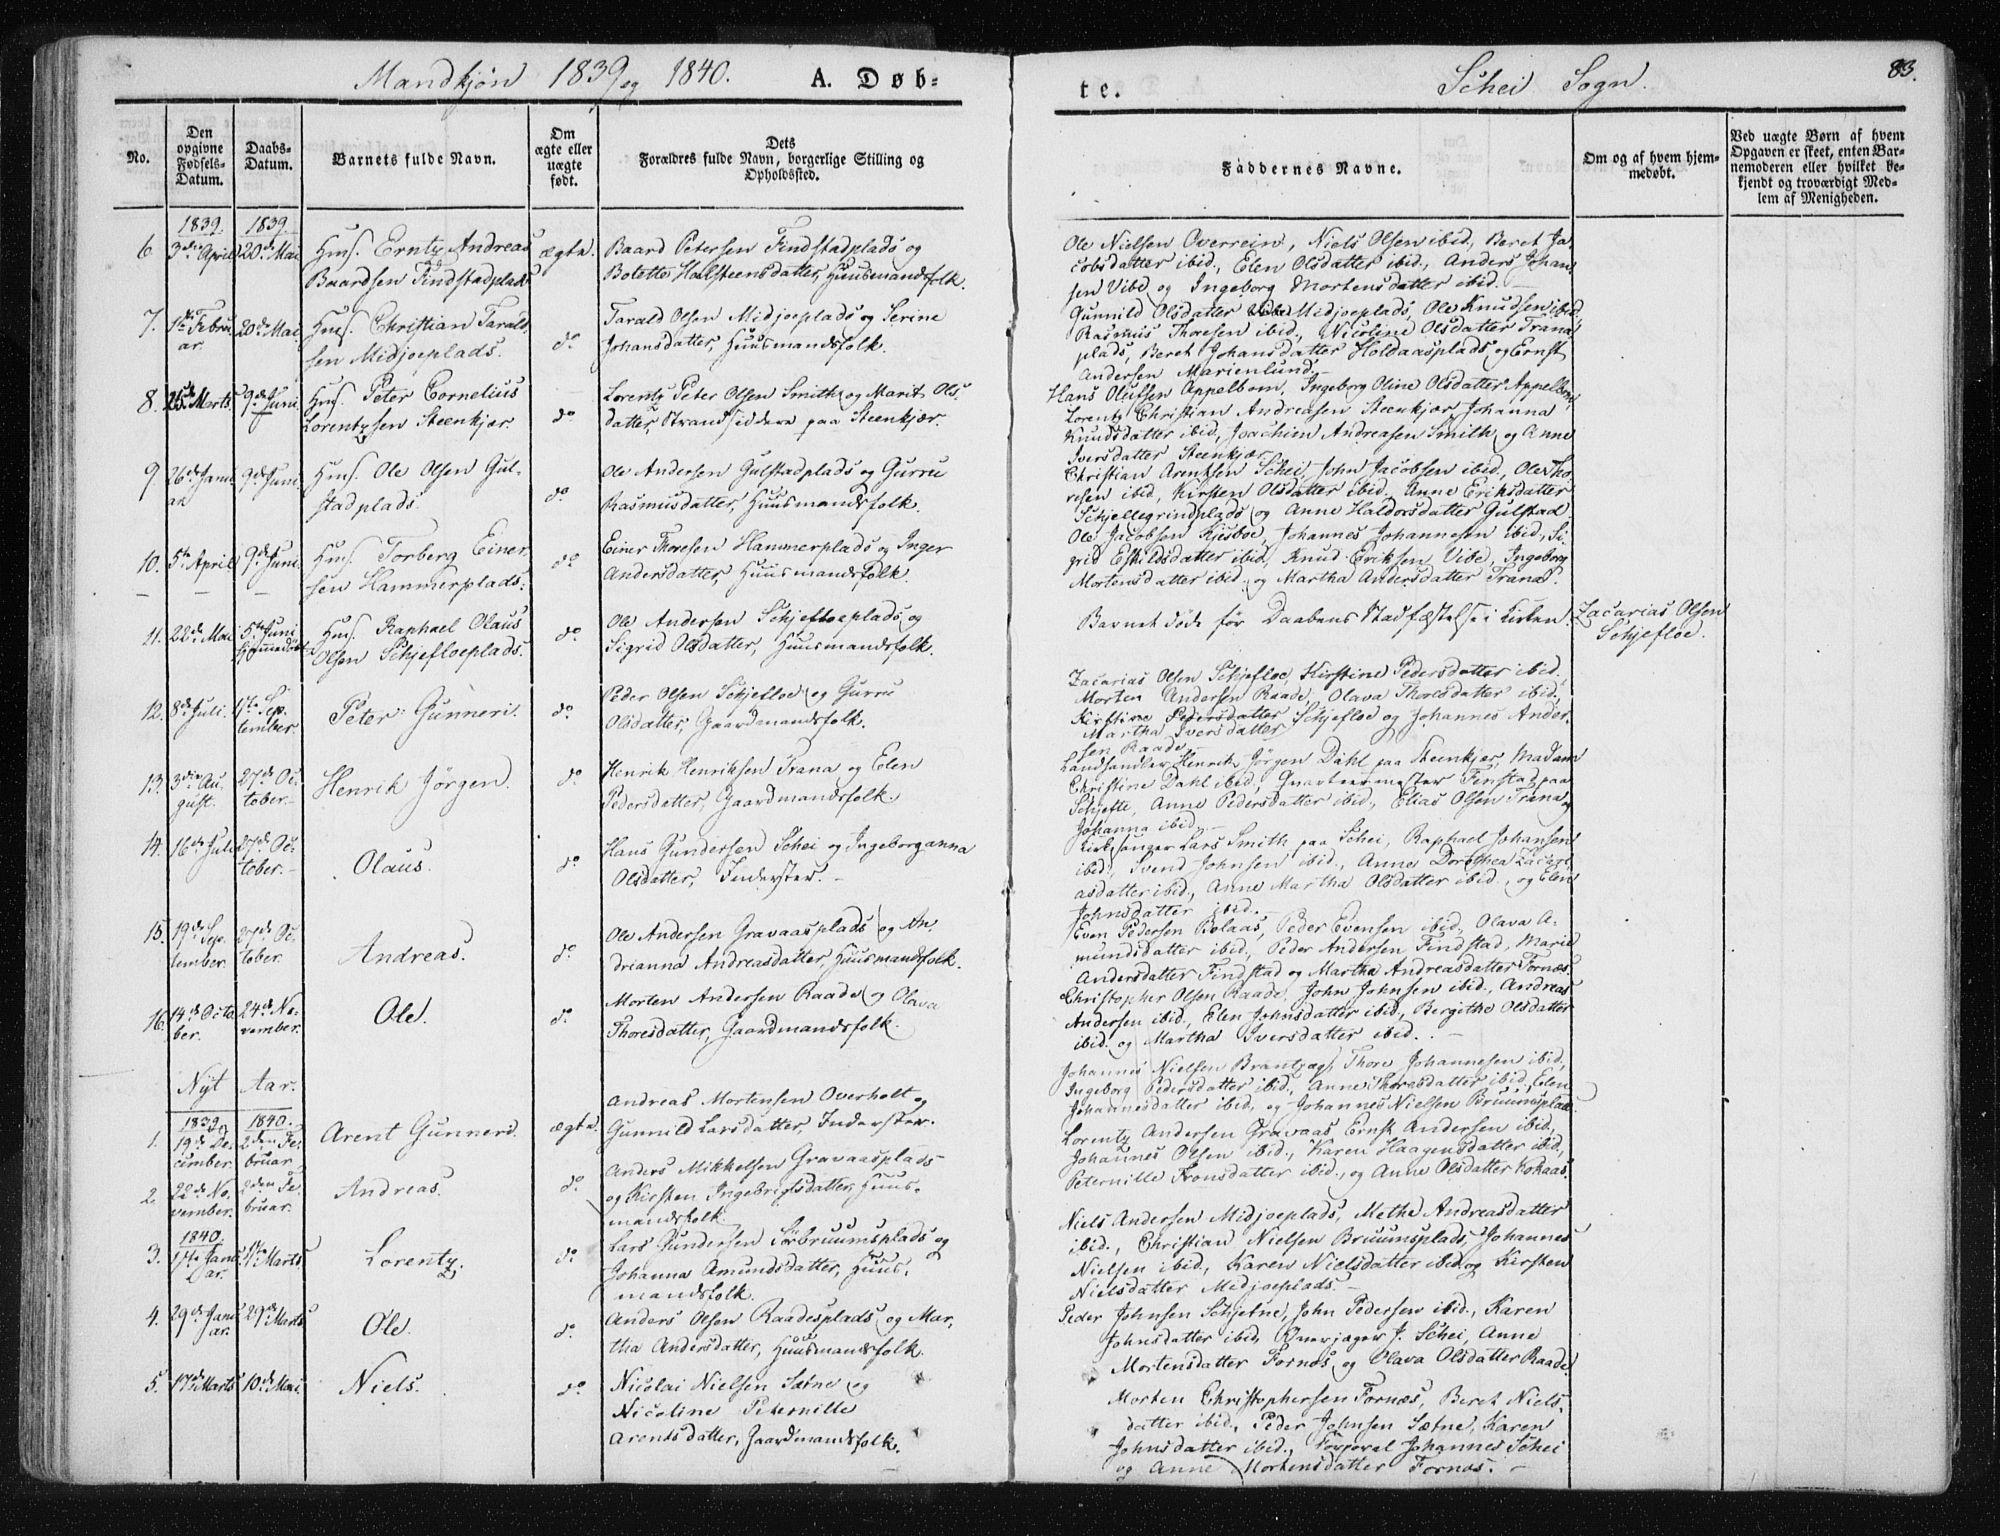 SAT, Ministerialprotokoller, klokkerbøker og fødselsregistre - Nord-Trøndelag, 735/L0339: Ministerialbok nr. 735A06 /2, 1836-1848, s. 83